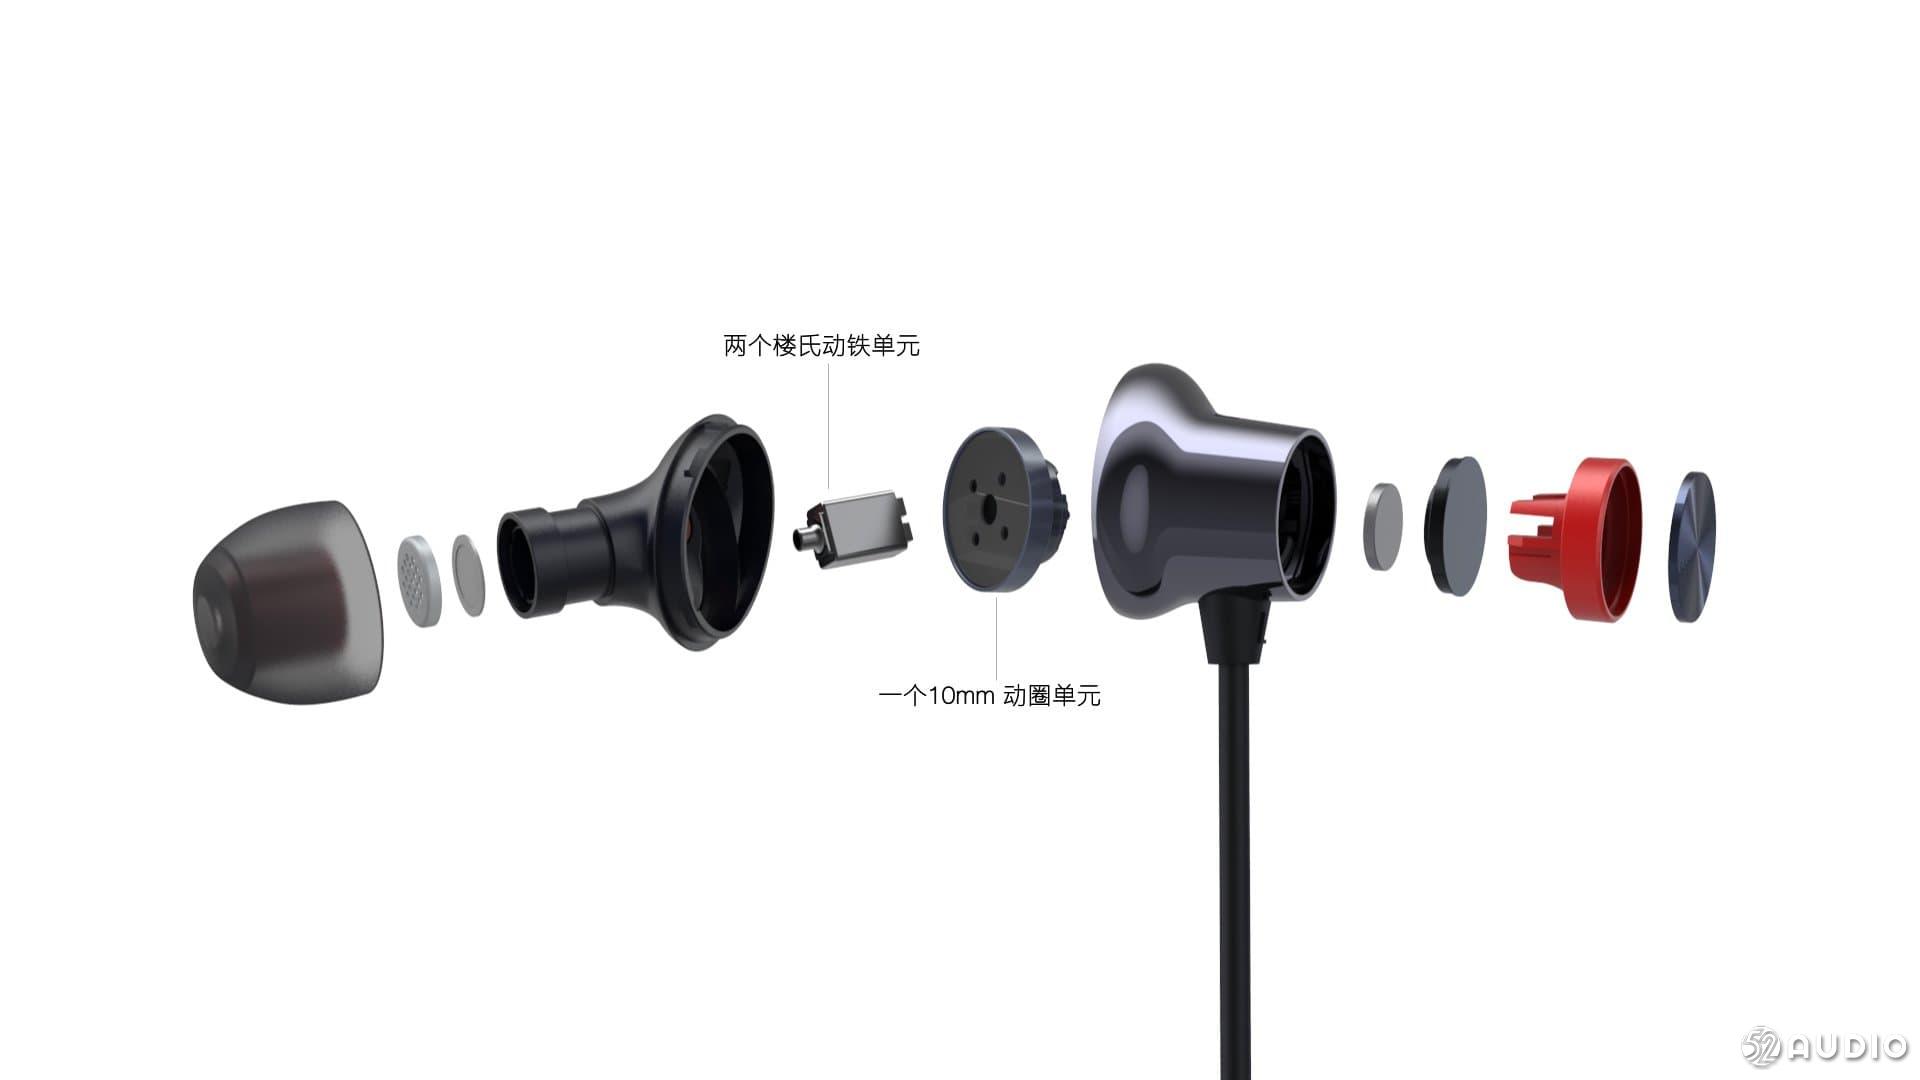 一加发布云耳耳机二代:内置楼氏动铁单元加10mm动圈的圈铁组合-我爱音频网